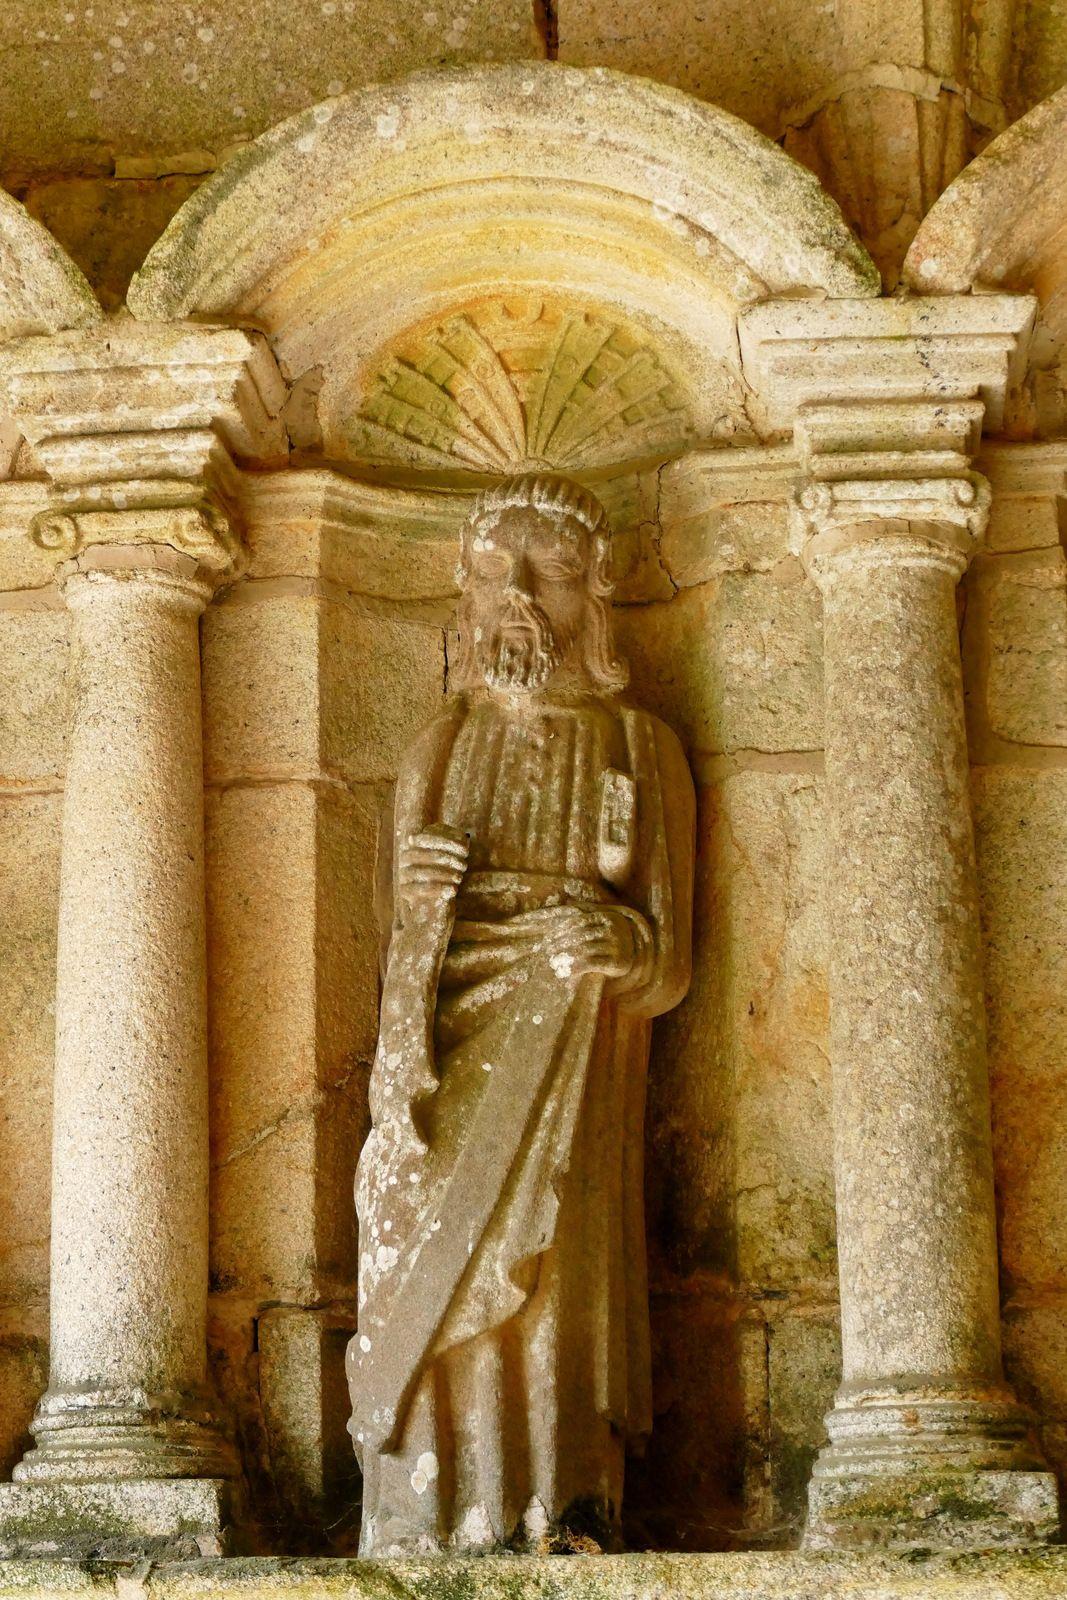 Porche sud de l'église Saint-Hervé de Lanhouarneau. Photographie lavieb-aile.